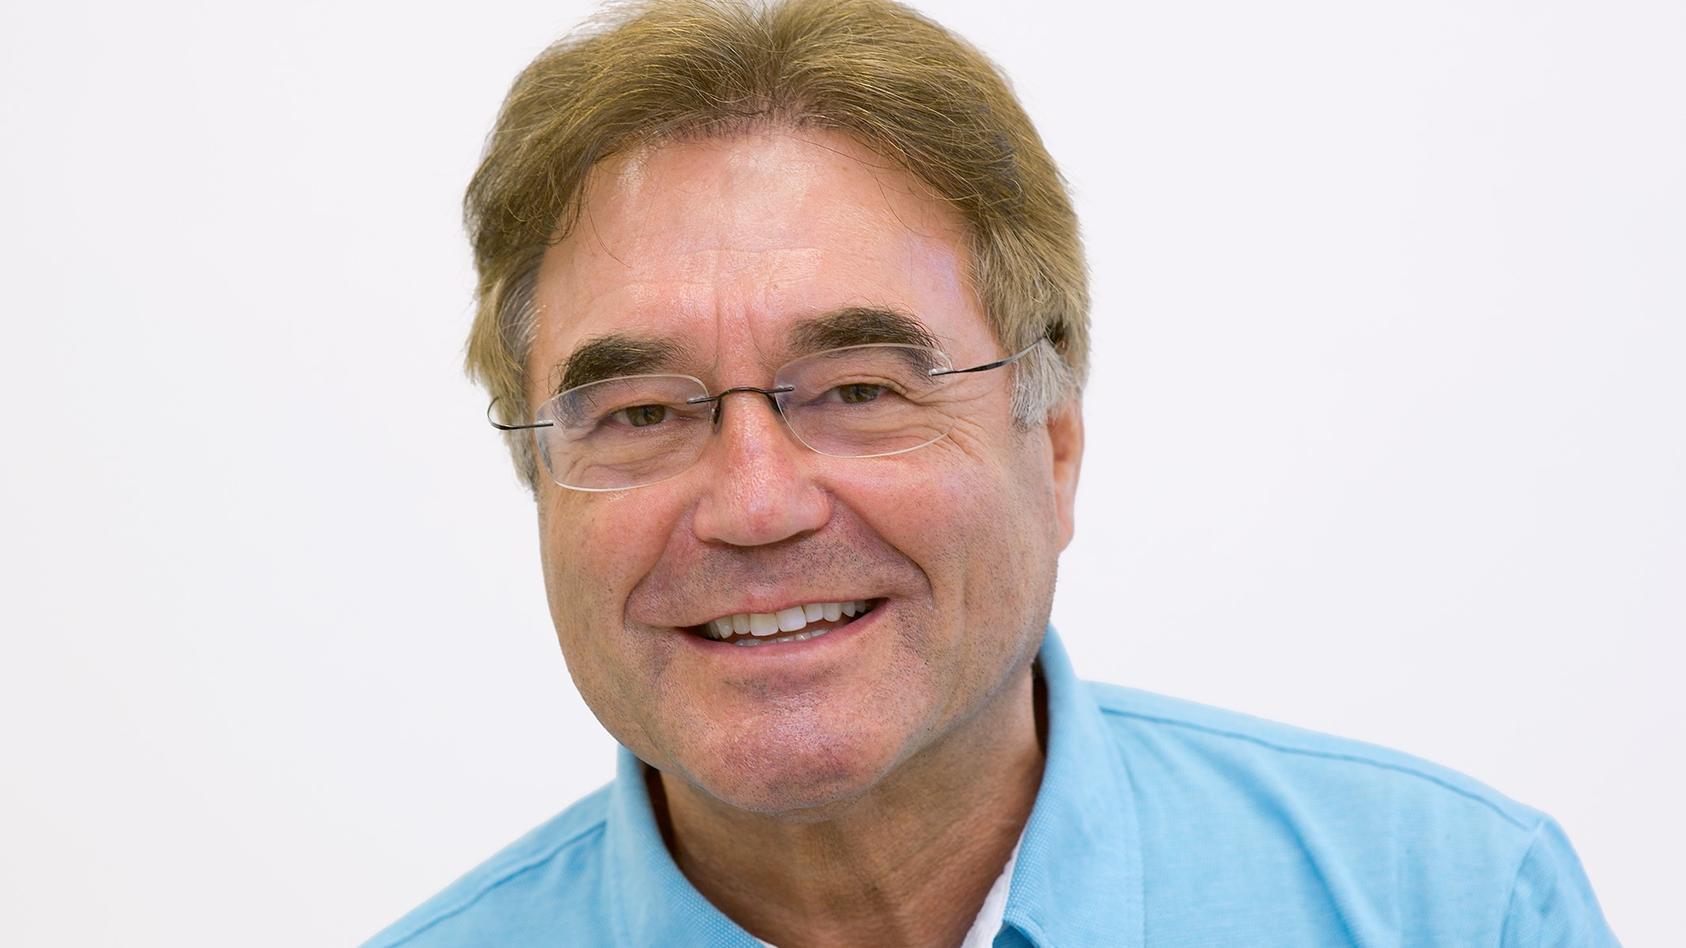 Prof. Dr. Dr. Franz-Xaver Reichl ist Beauftragter für Biologische Sicherheit von Bakterien, Viren und Gen-veränderten Organismen an der LMU München